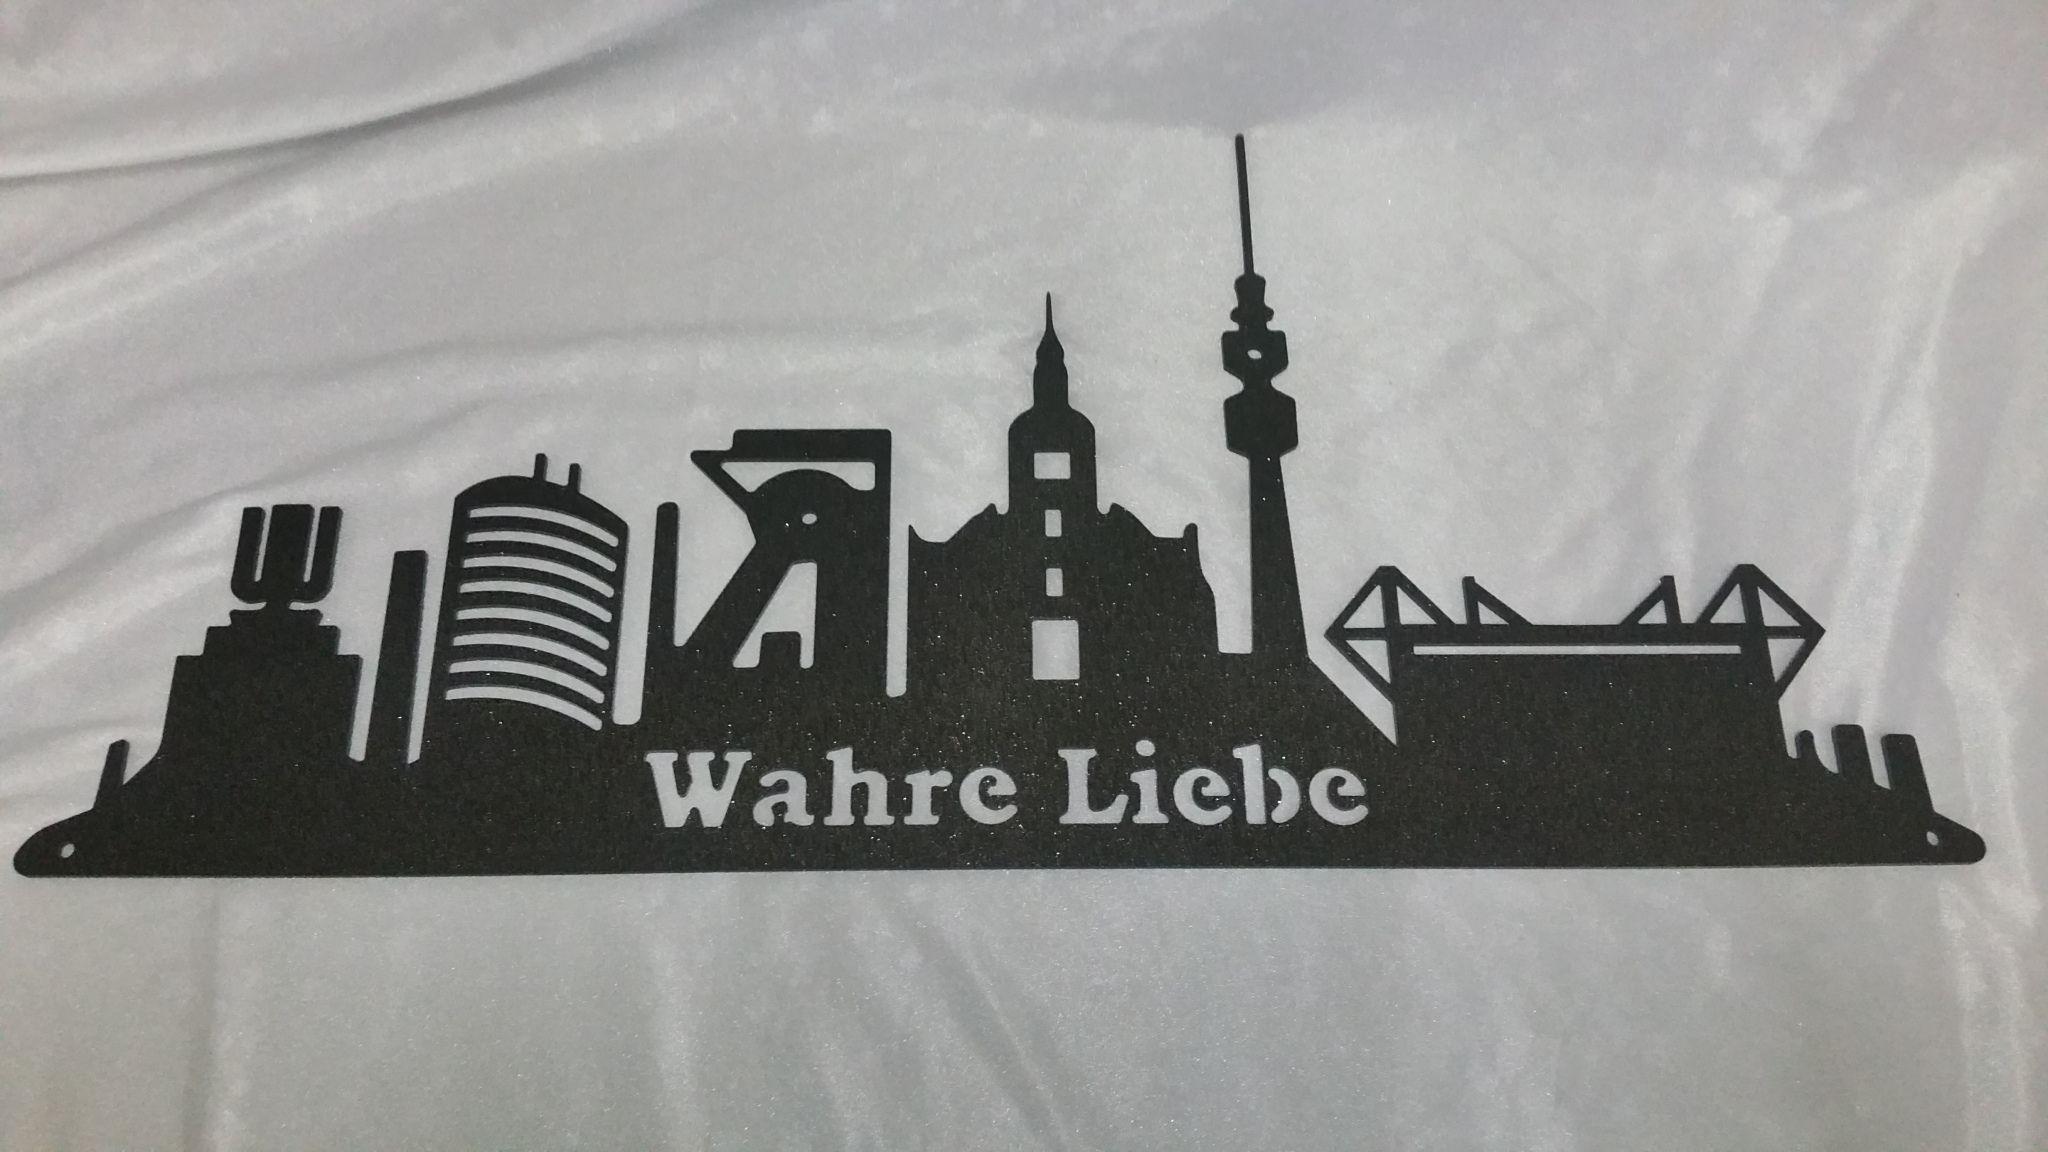 Skyline Dortmund Aus Stahl Laserzuschnitt Mit Text Wahre Liebe Laserzuschnitte Skyline Dortmund Edelrost